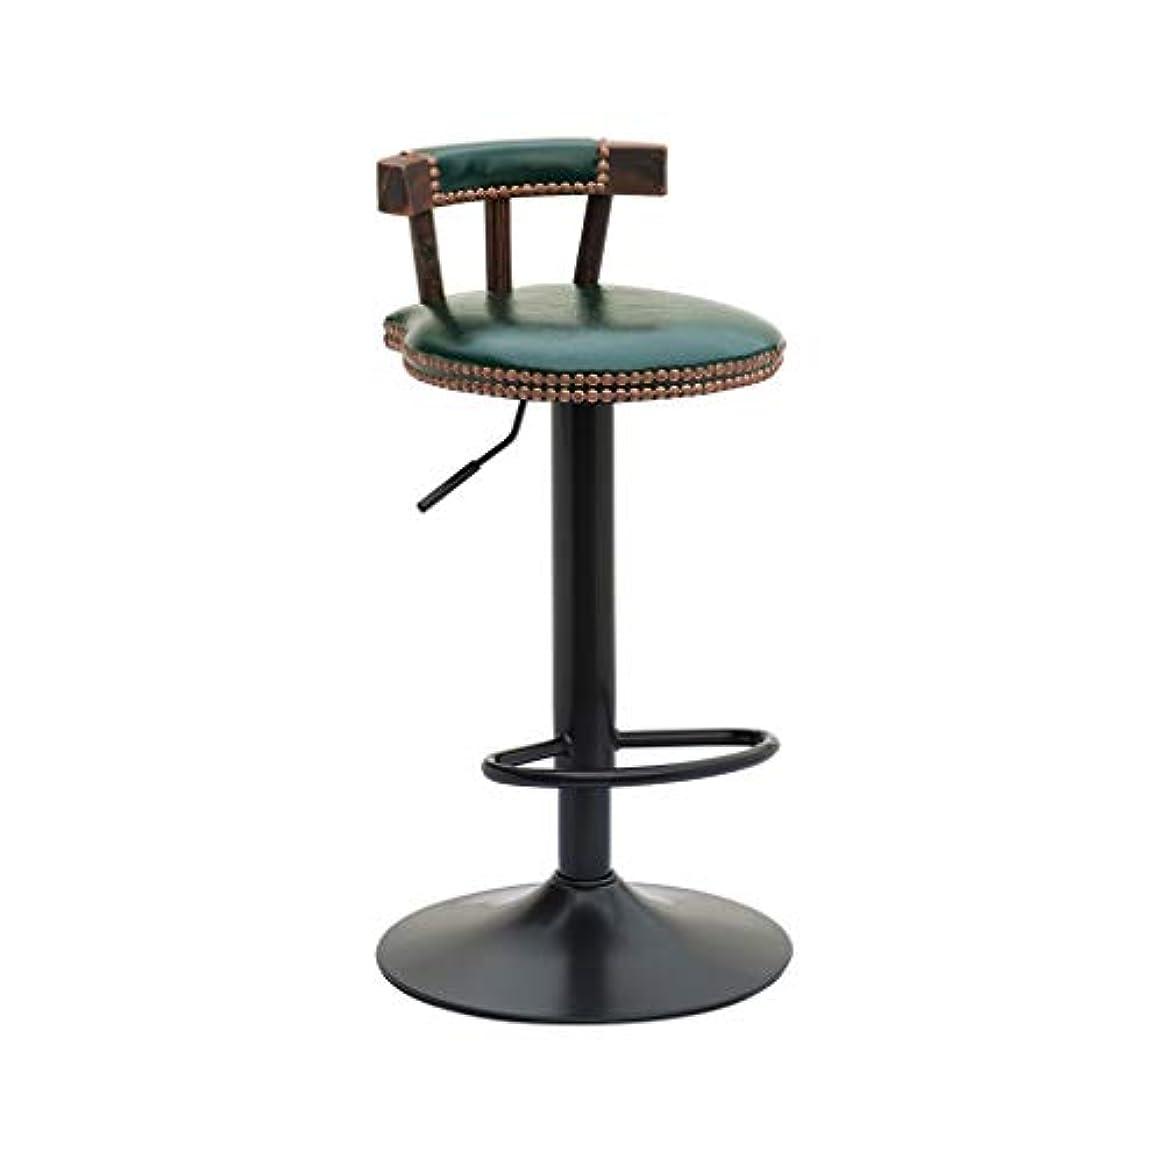 ゼリープロポーショナル借りているJYX バースツール、ソリッドウッド製シートバックレストハイスツールリフト回転家庭用朝食ダイニングチェアレジャーカウンターチェア受付椅子